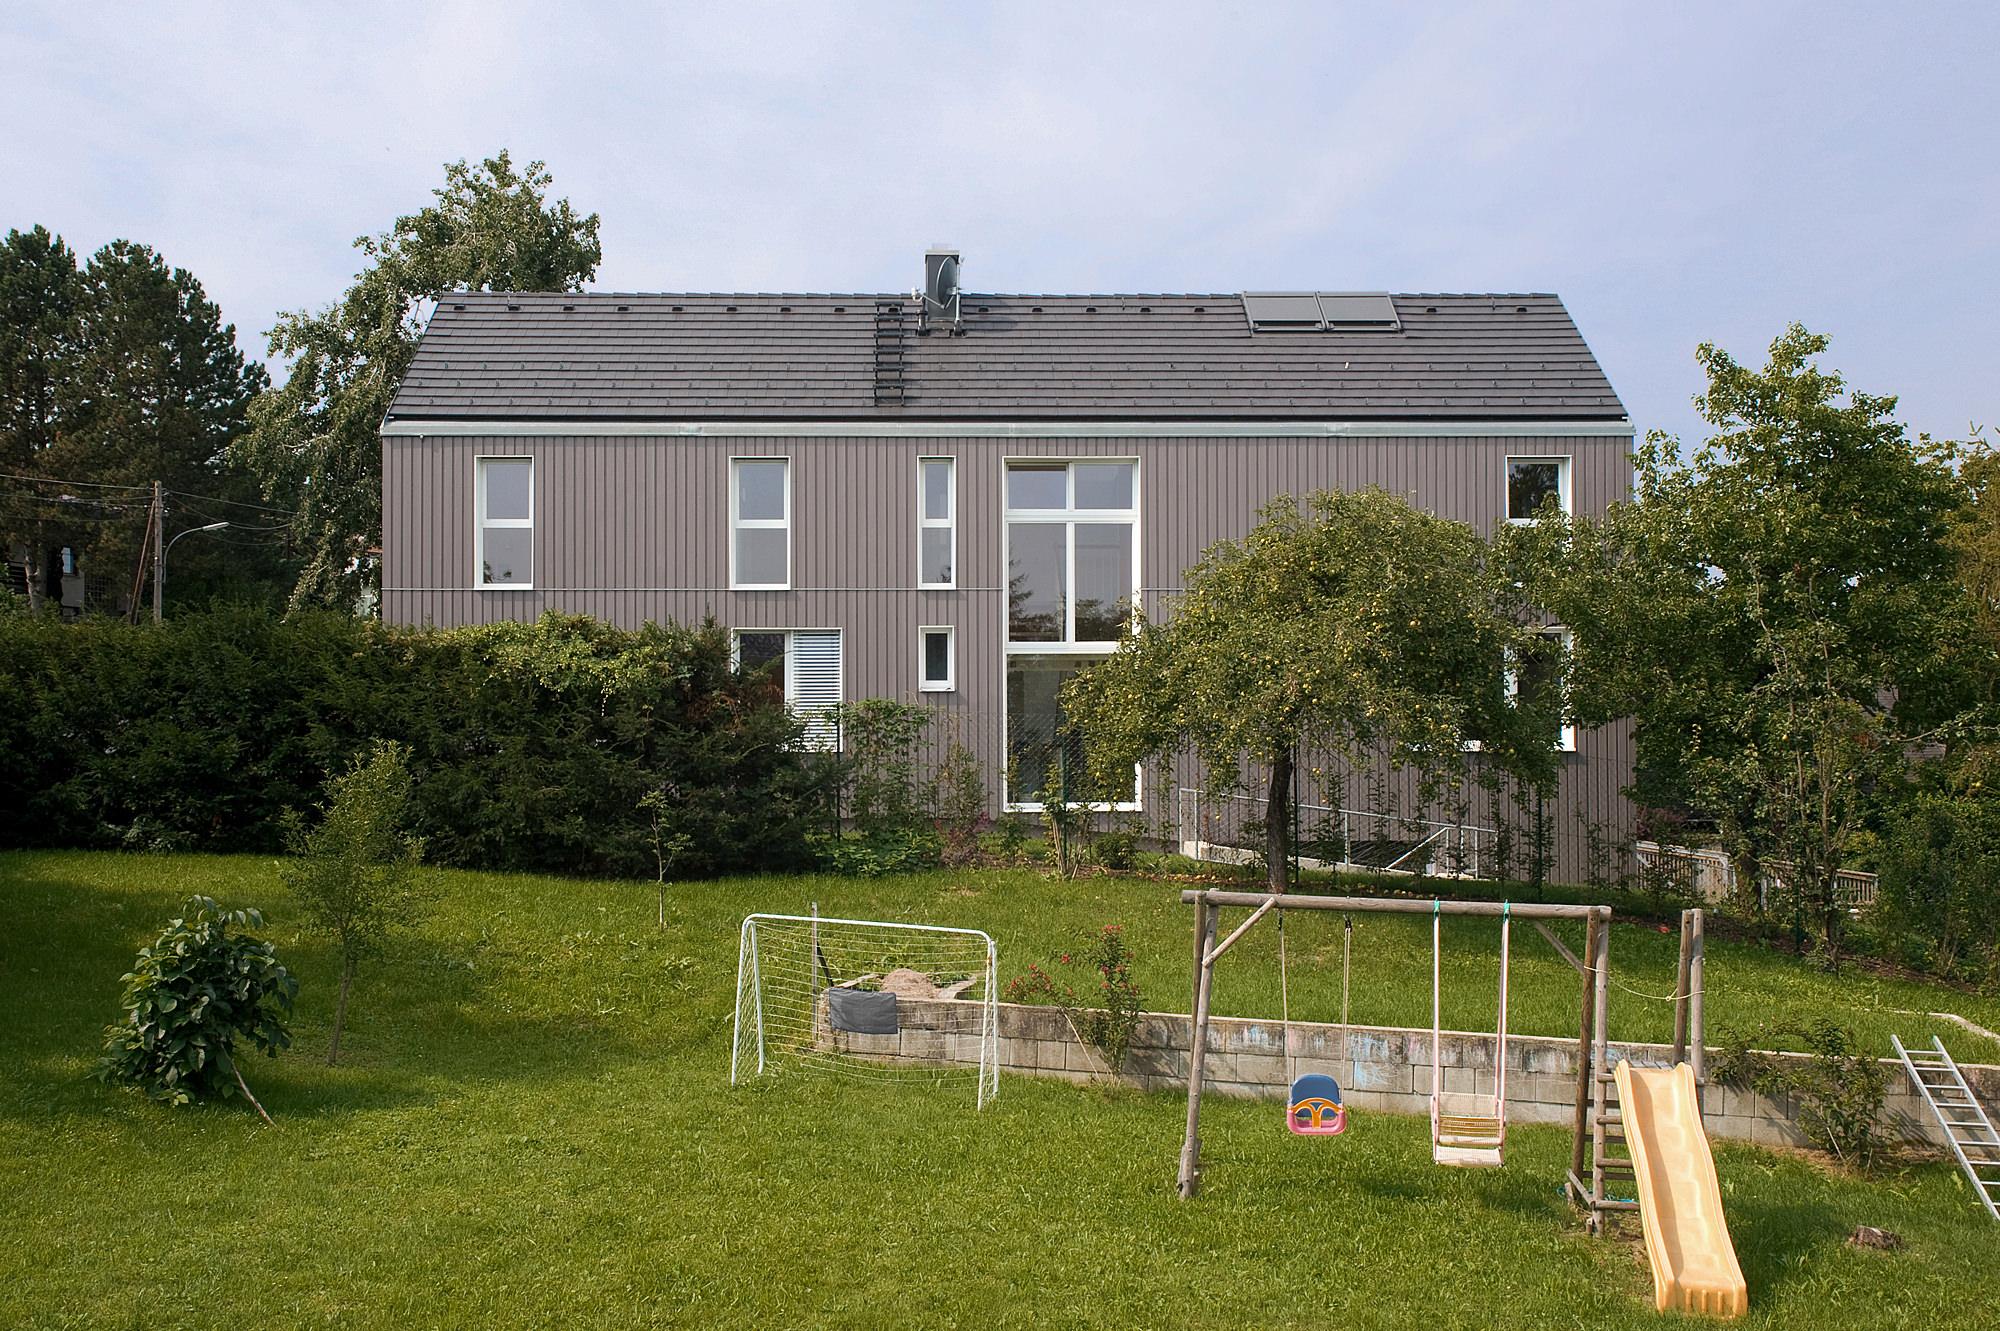 haus_rw_12_niedrigenergie_villa_in_klosterneuburg_niederoesterreich_junger_beer_architektur